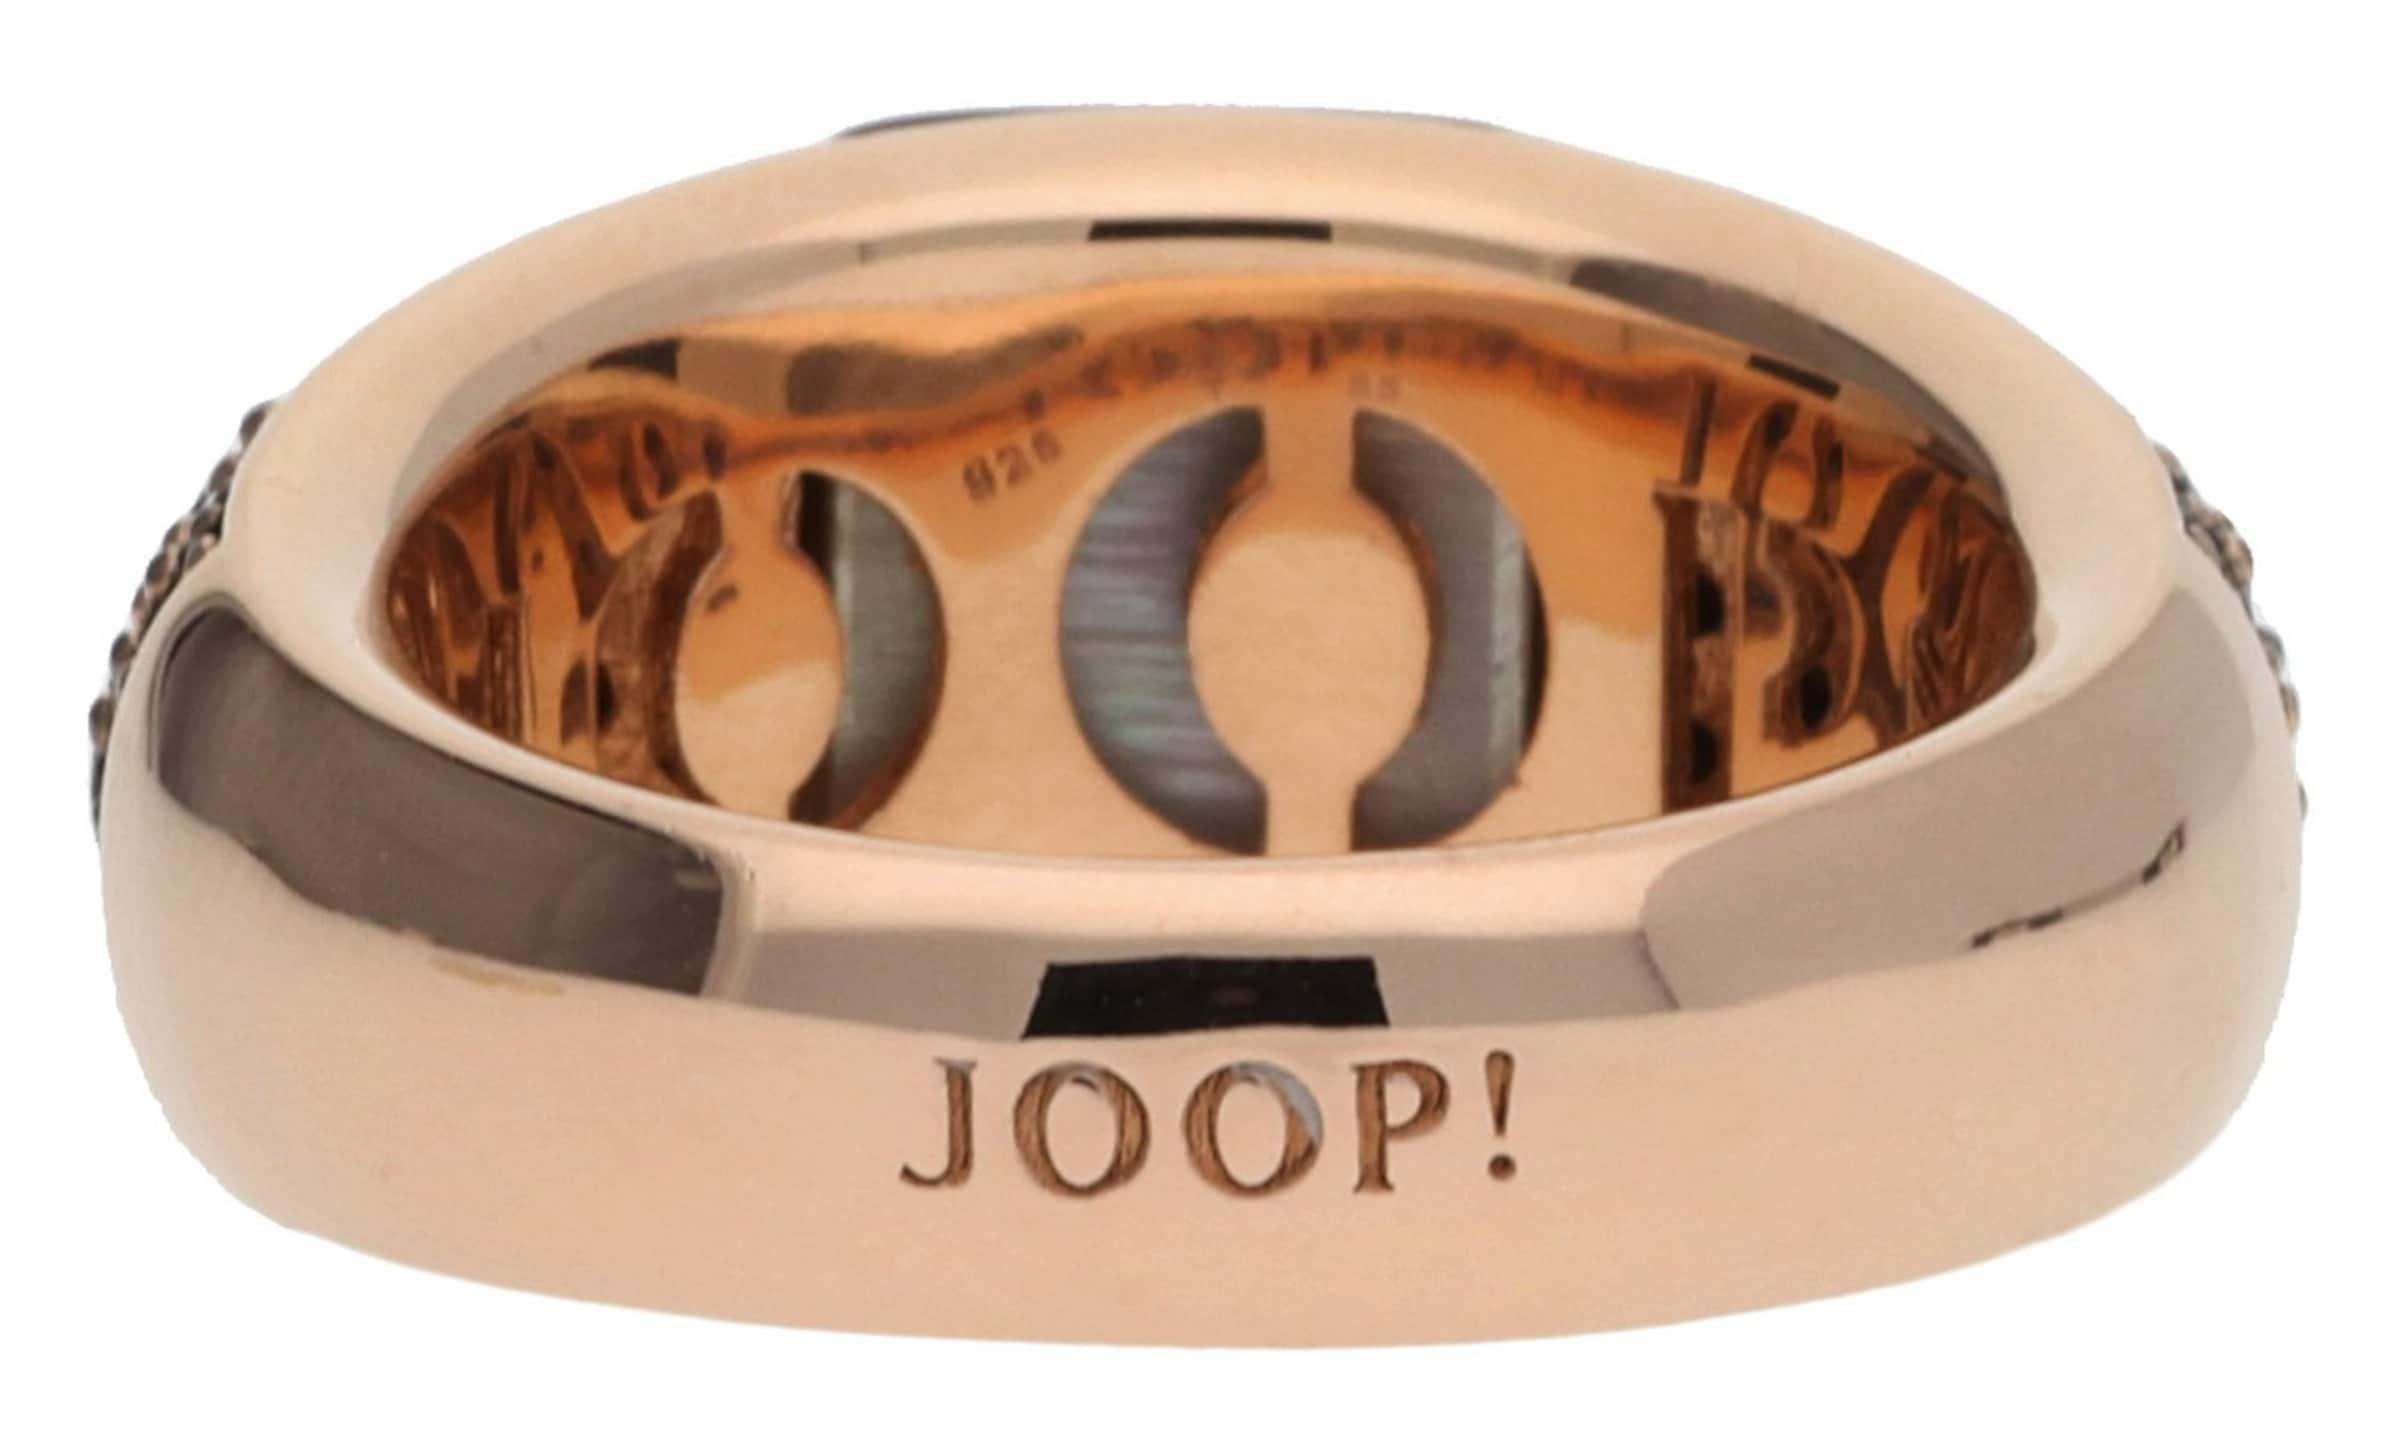 JOOP! Fingerring Silber Schwarz Naomi Billige Nicekicks Billige Breite Palette Von 2tnSgE4